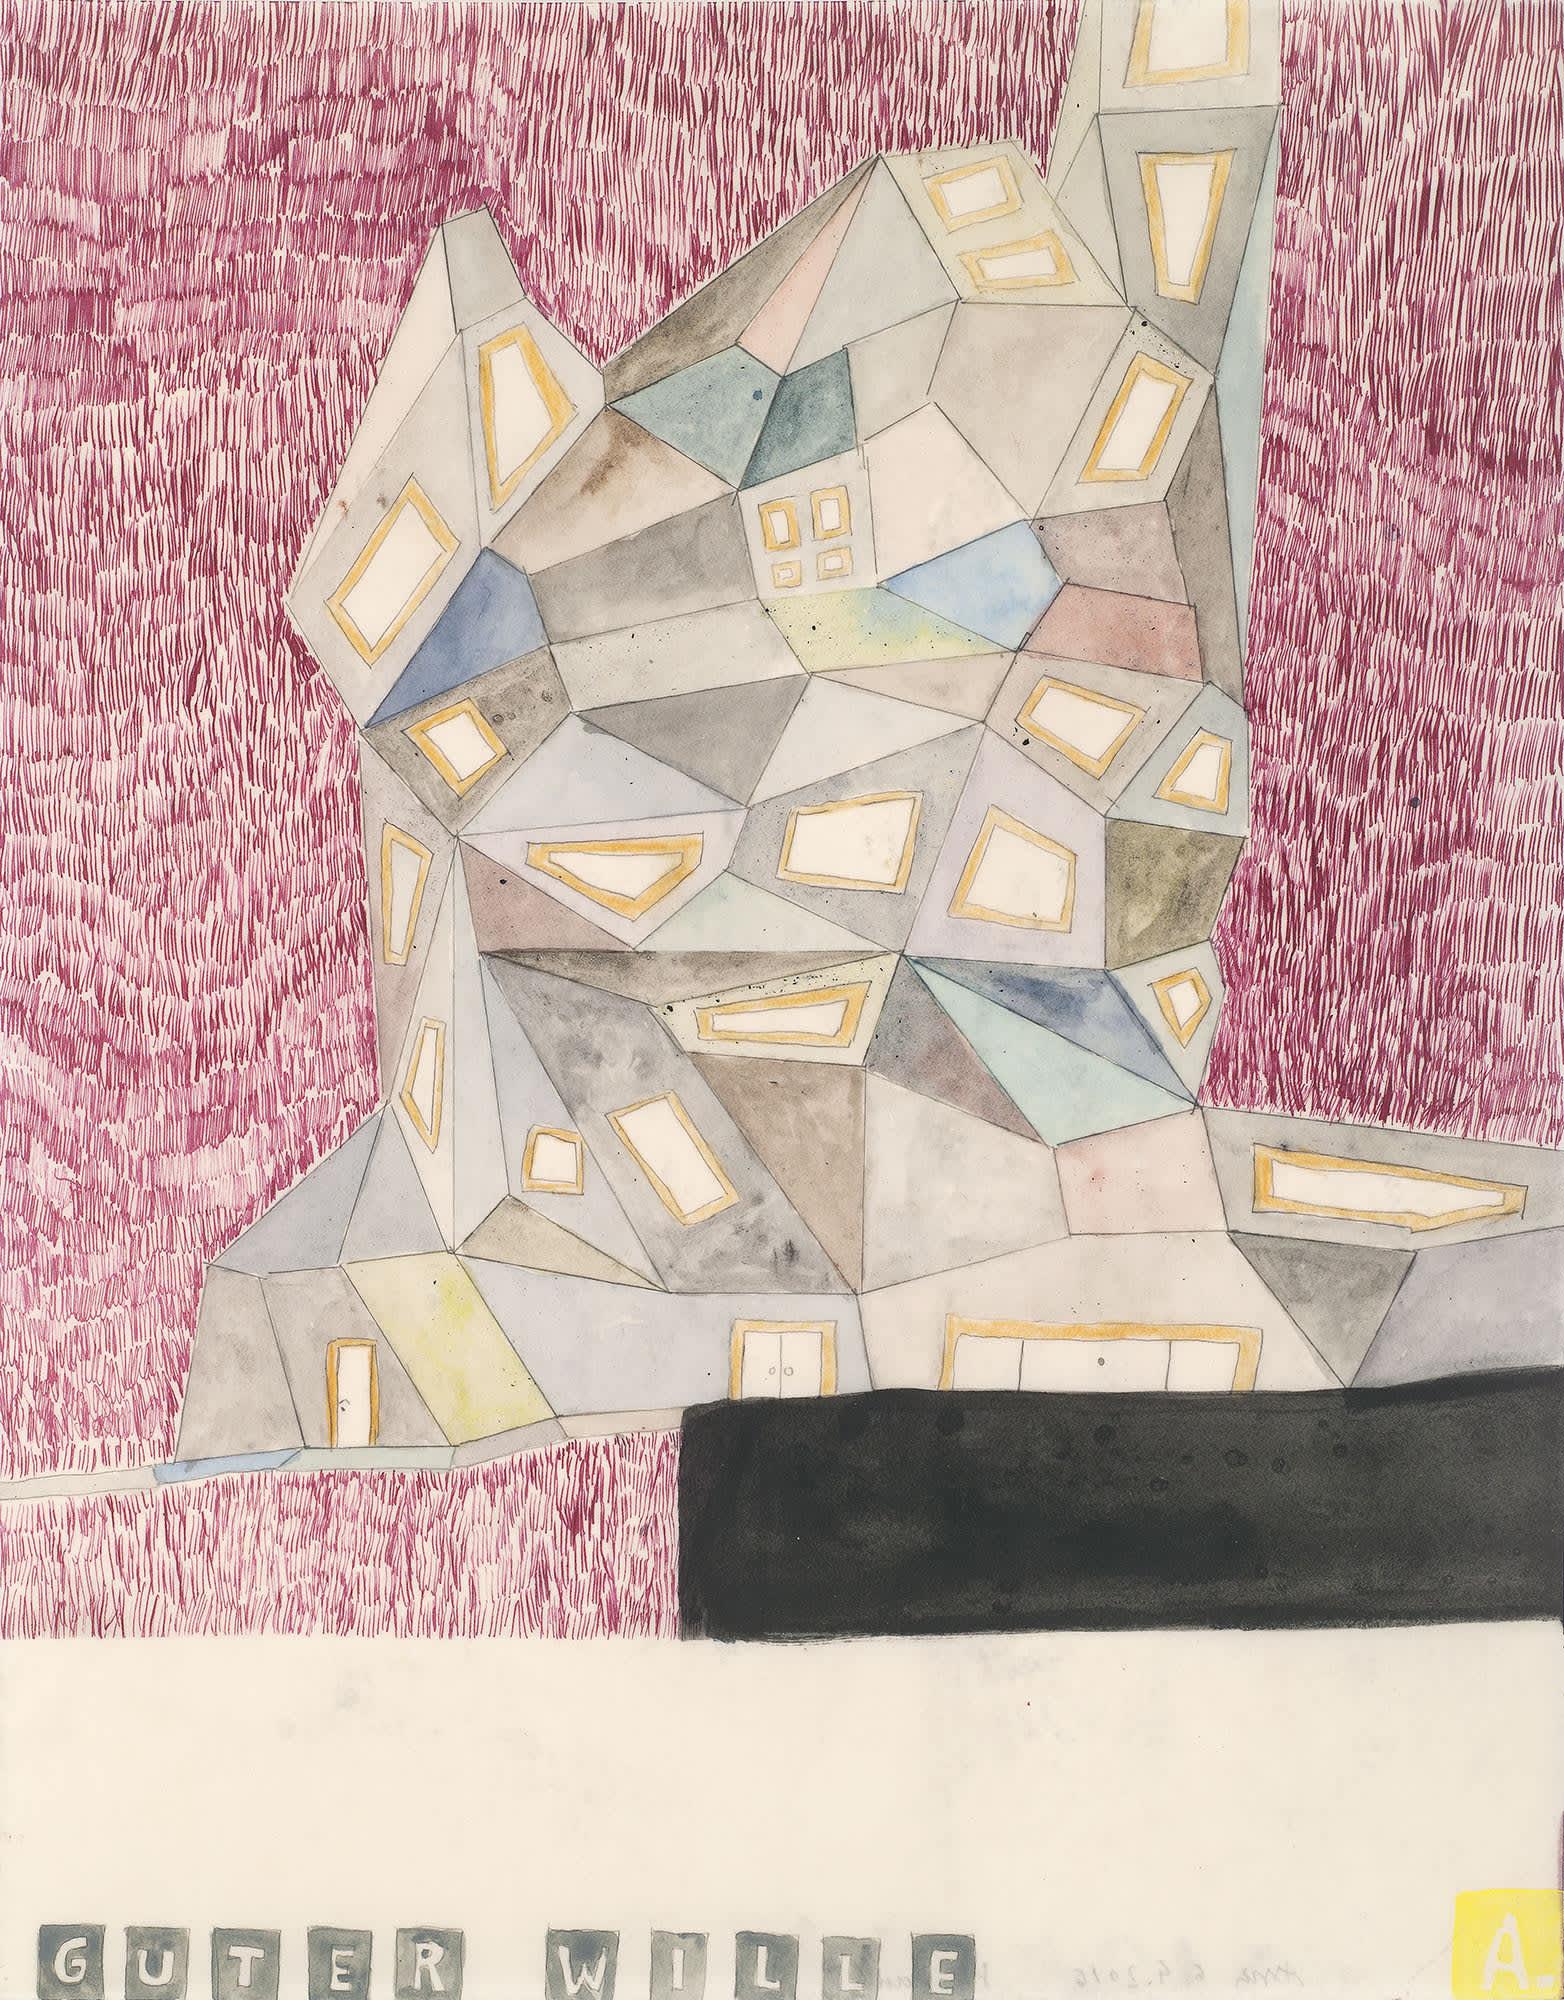 Martin Assig, St. Paul #750, guter Wille